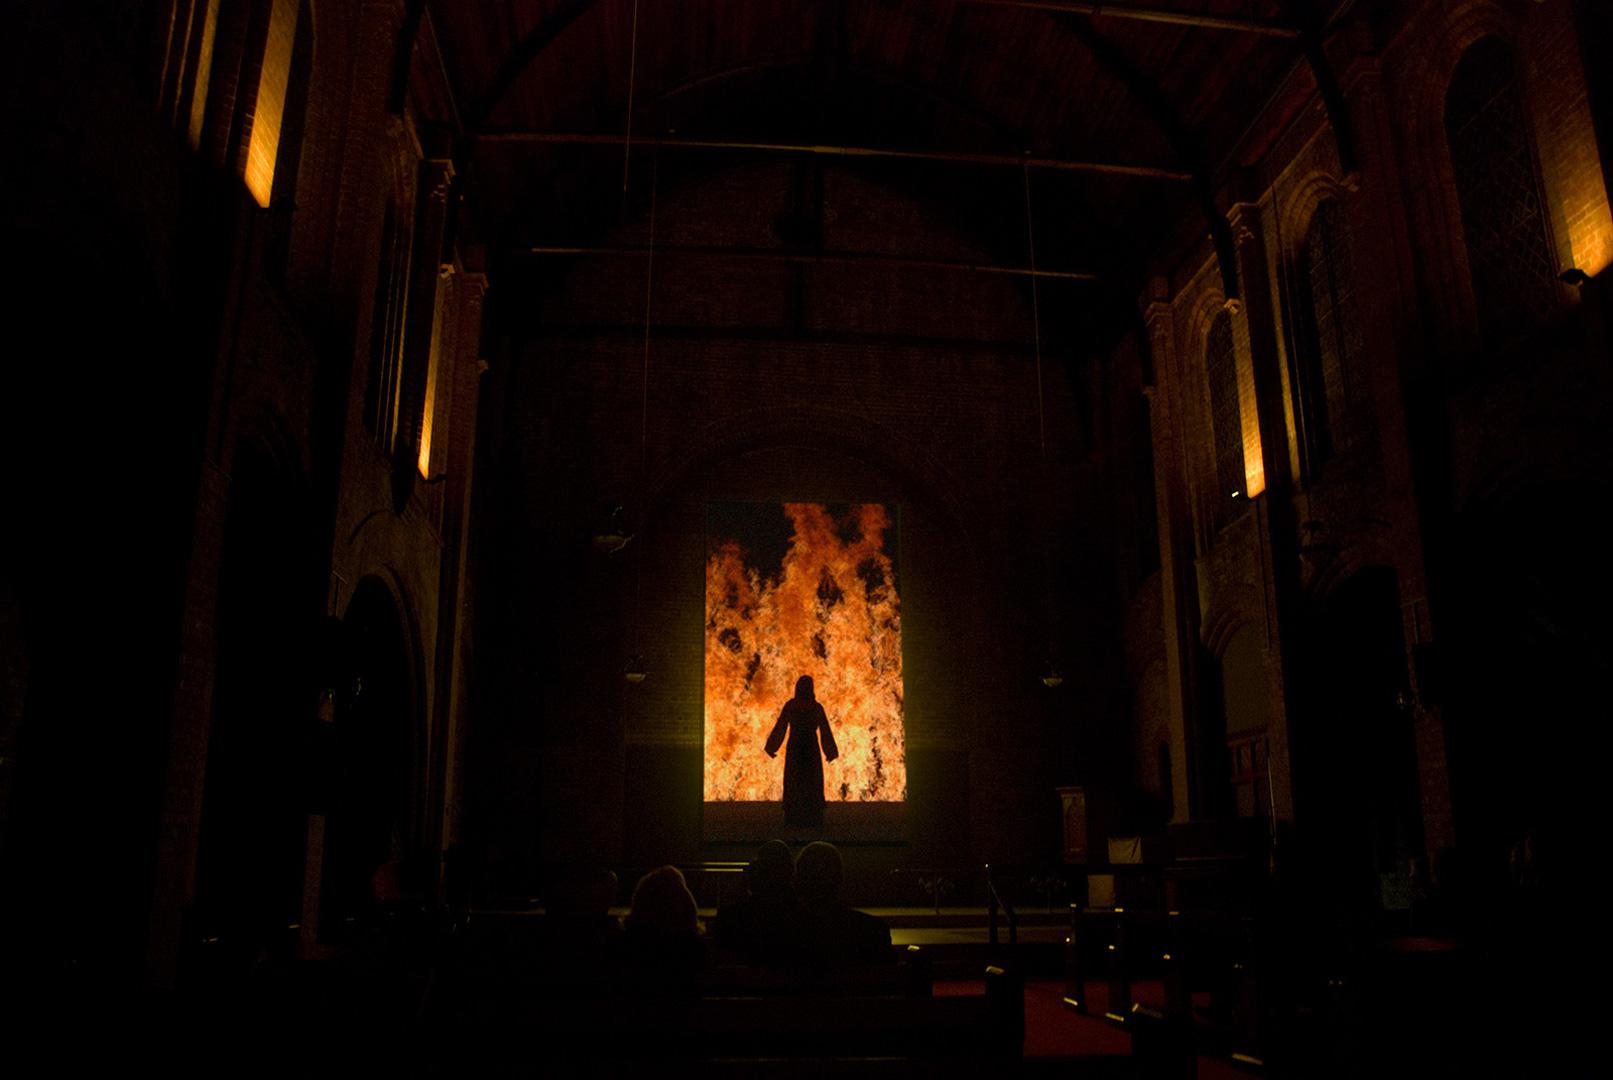 VIDEO ART IN A CHURCH